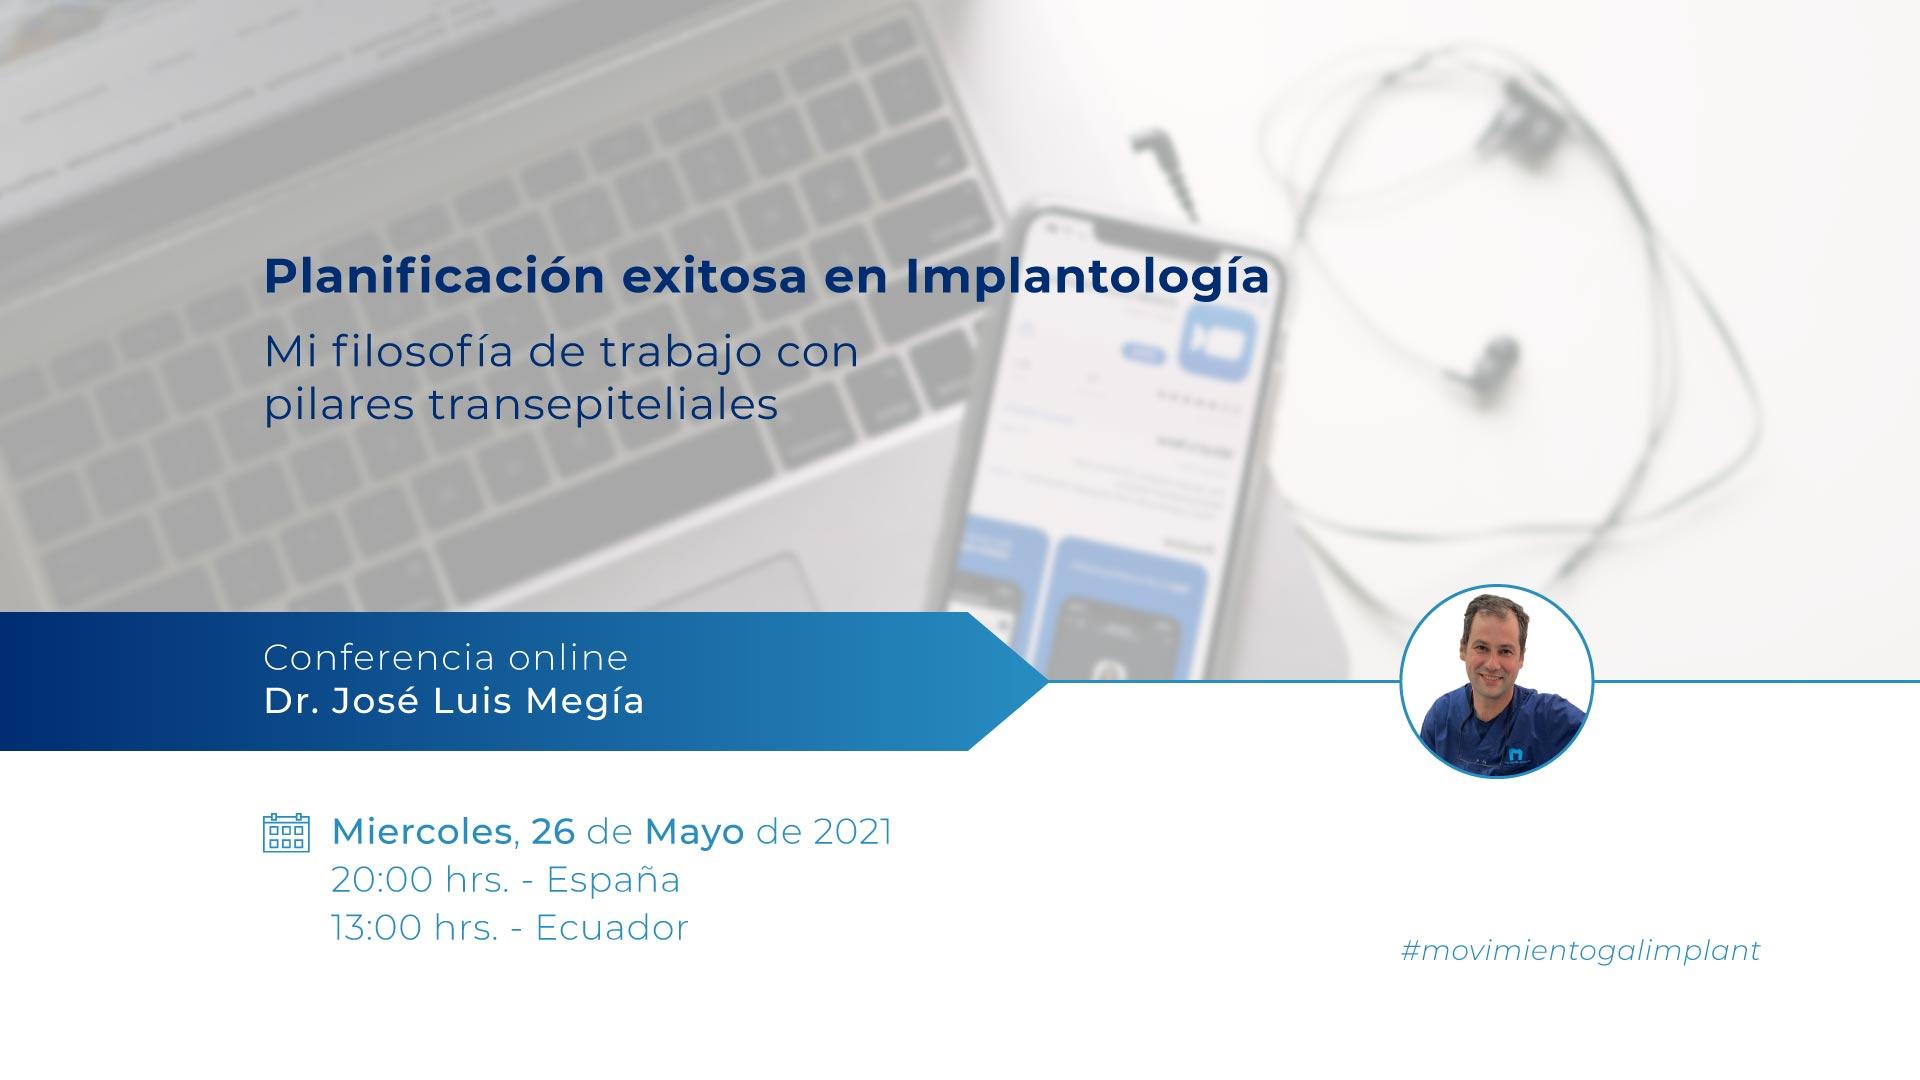 Galimplant - Conferencia online implantología